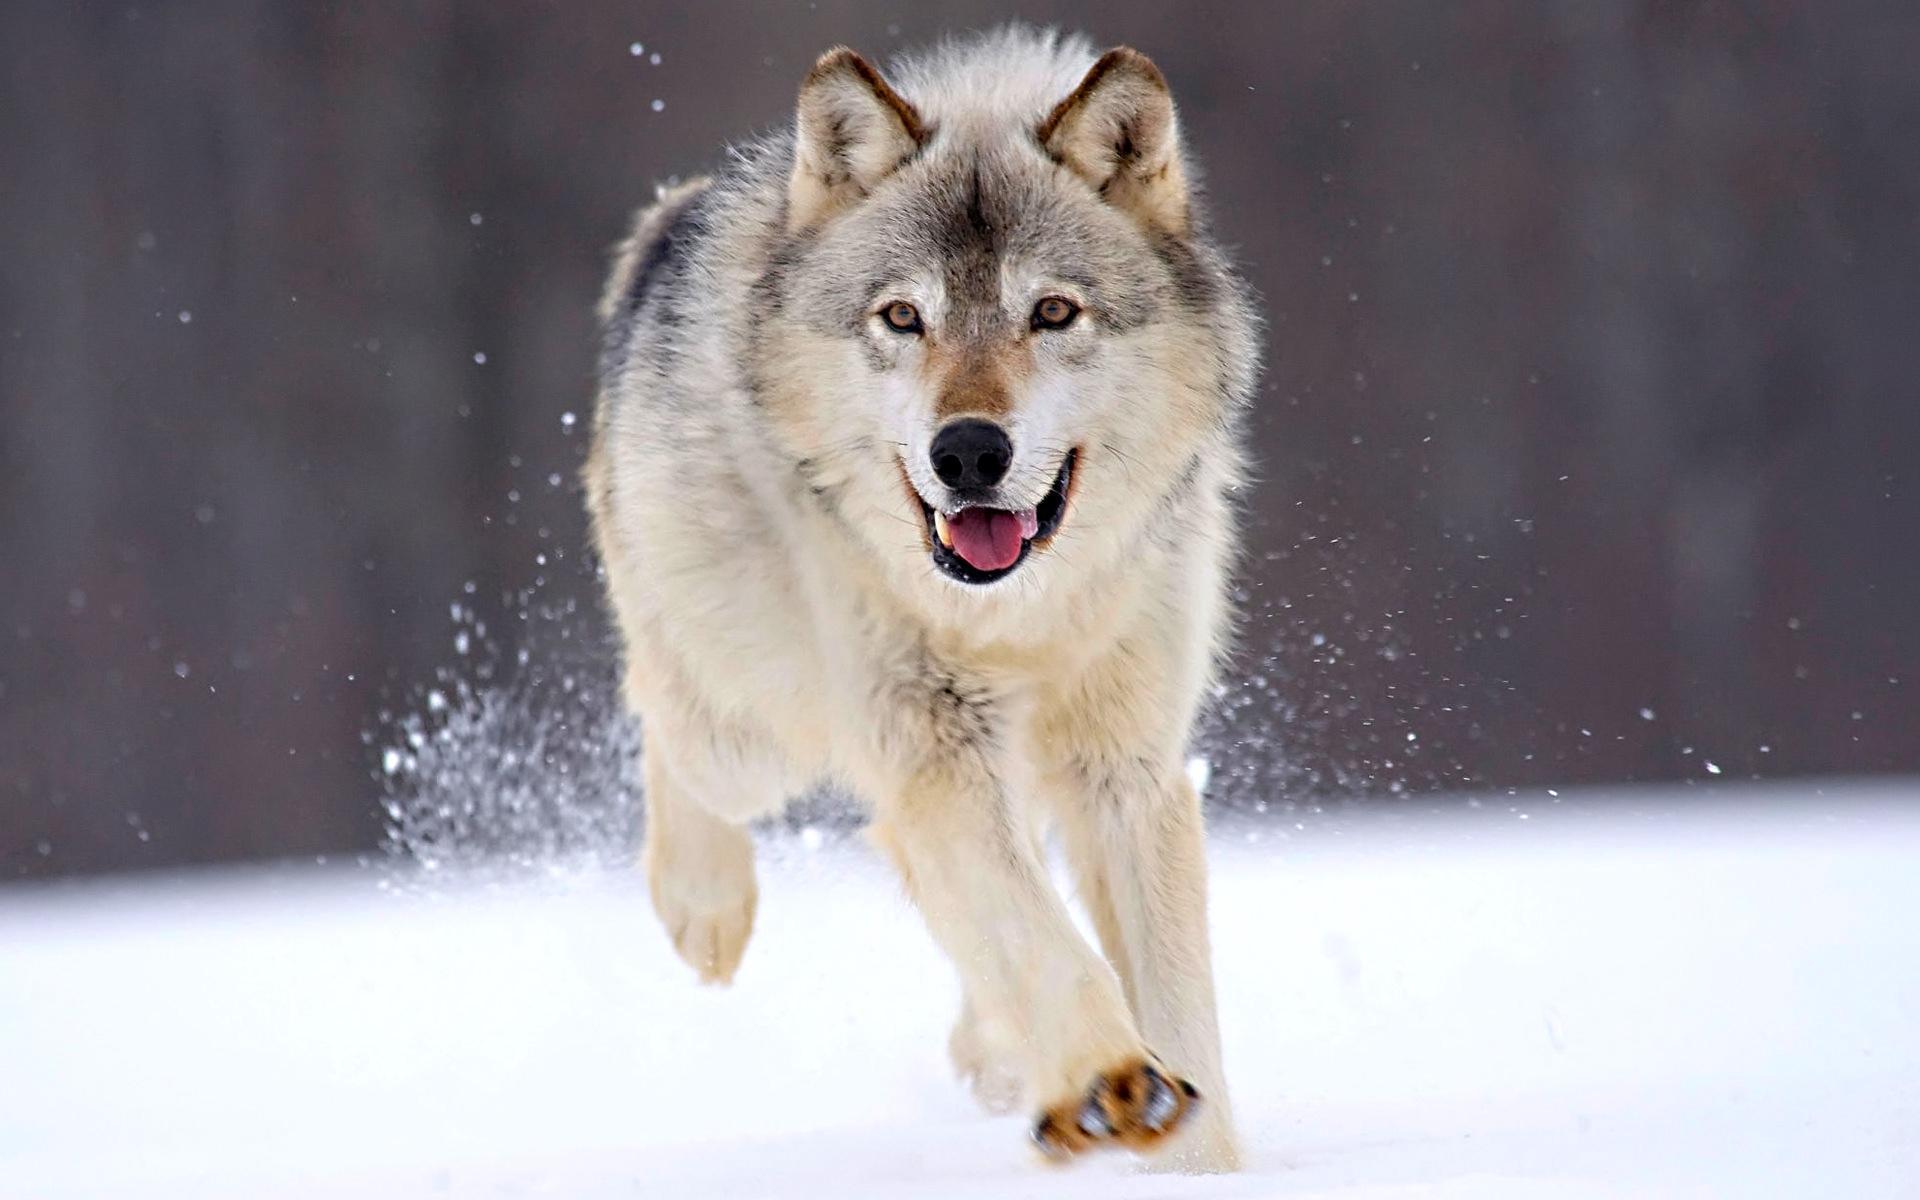 Скачать обои бегущий волк 1920x1200